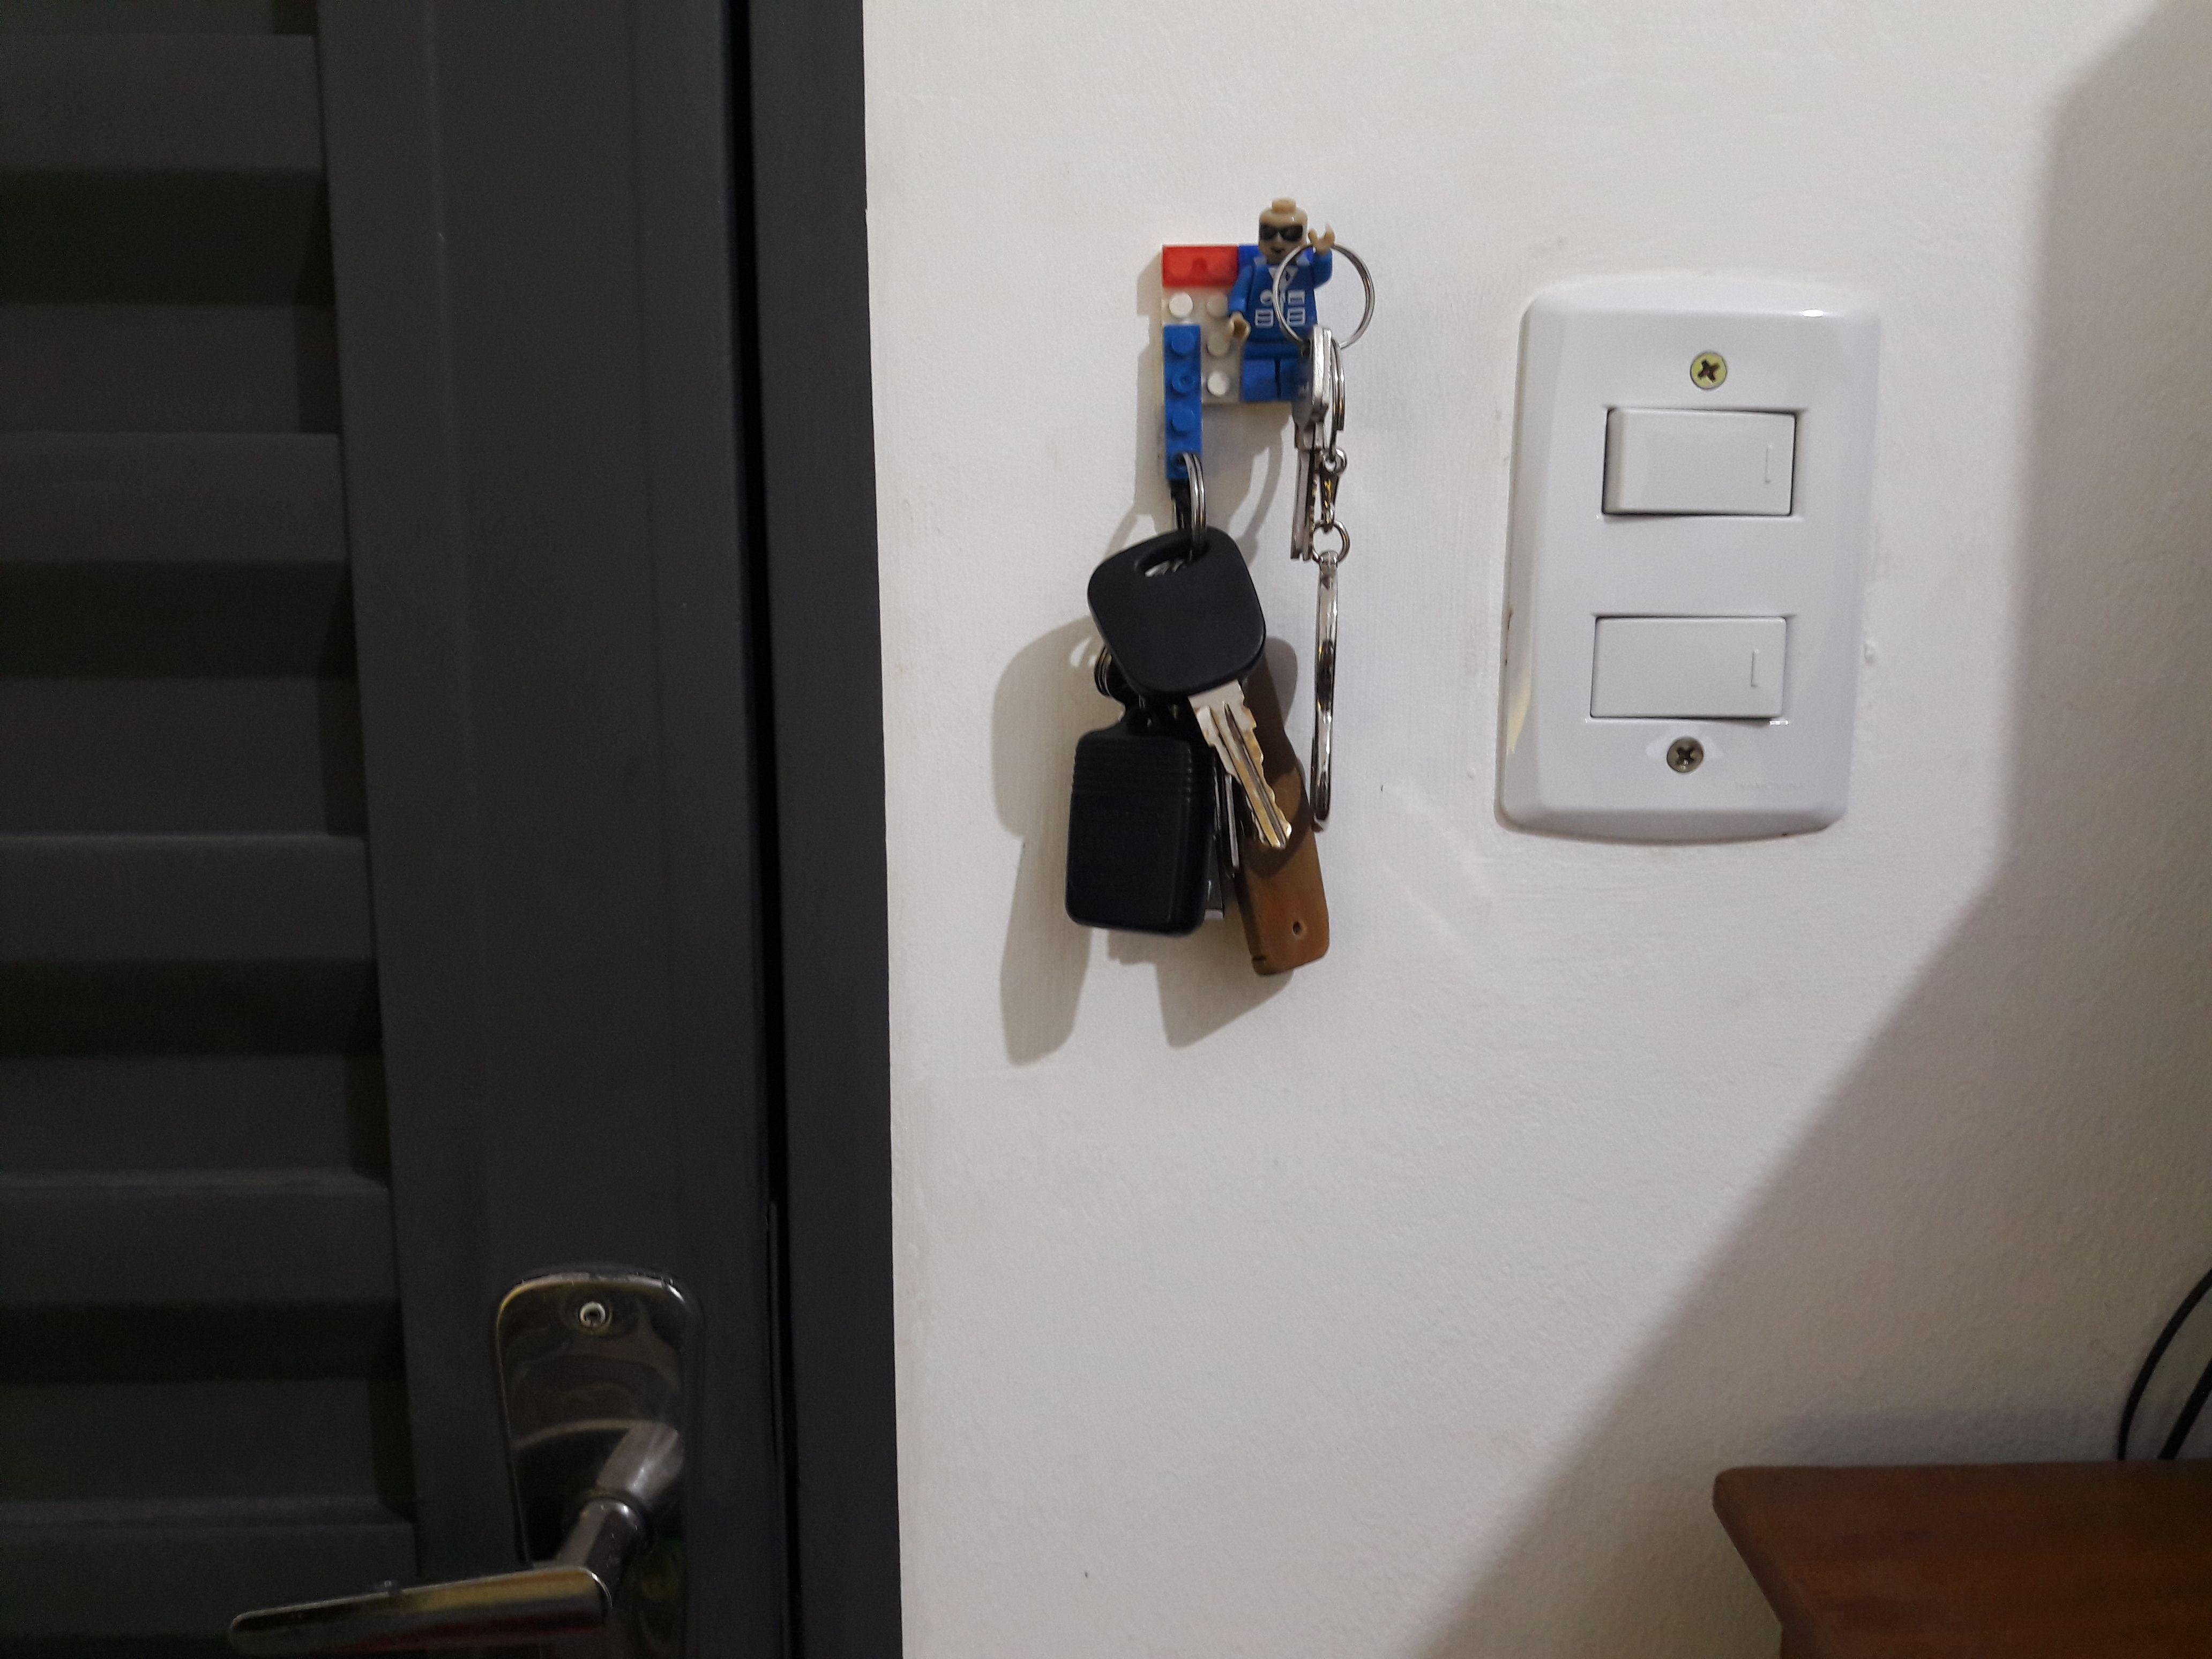 Sempre perdia as chaves de casa, do carro. Aproveitei o Lego que tinha para fazer um chaveiro. Utilizei cola quente para fixar na parede. Ficou bem legal.